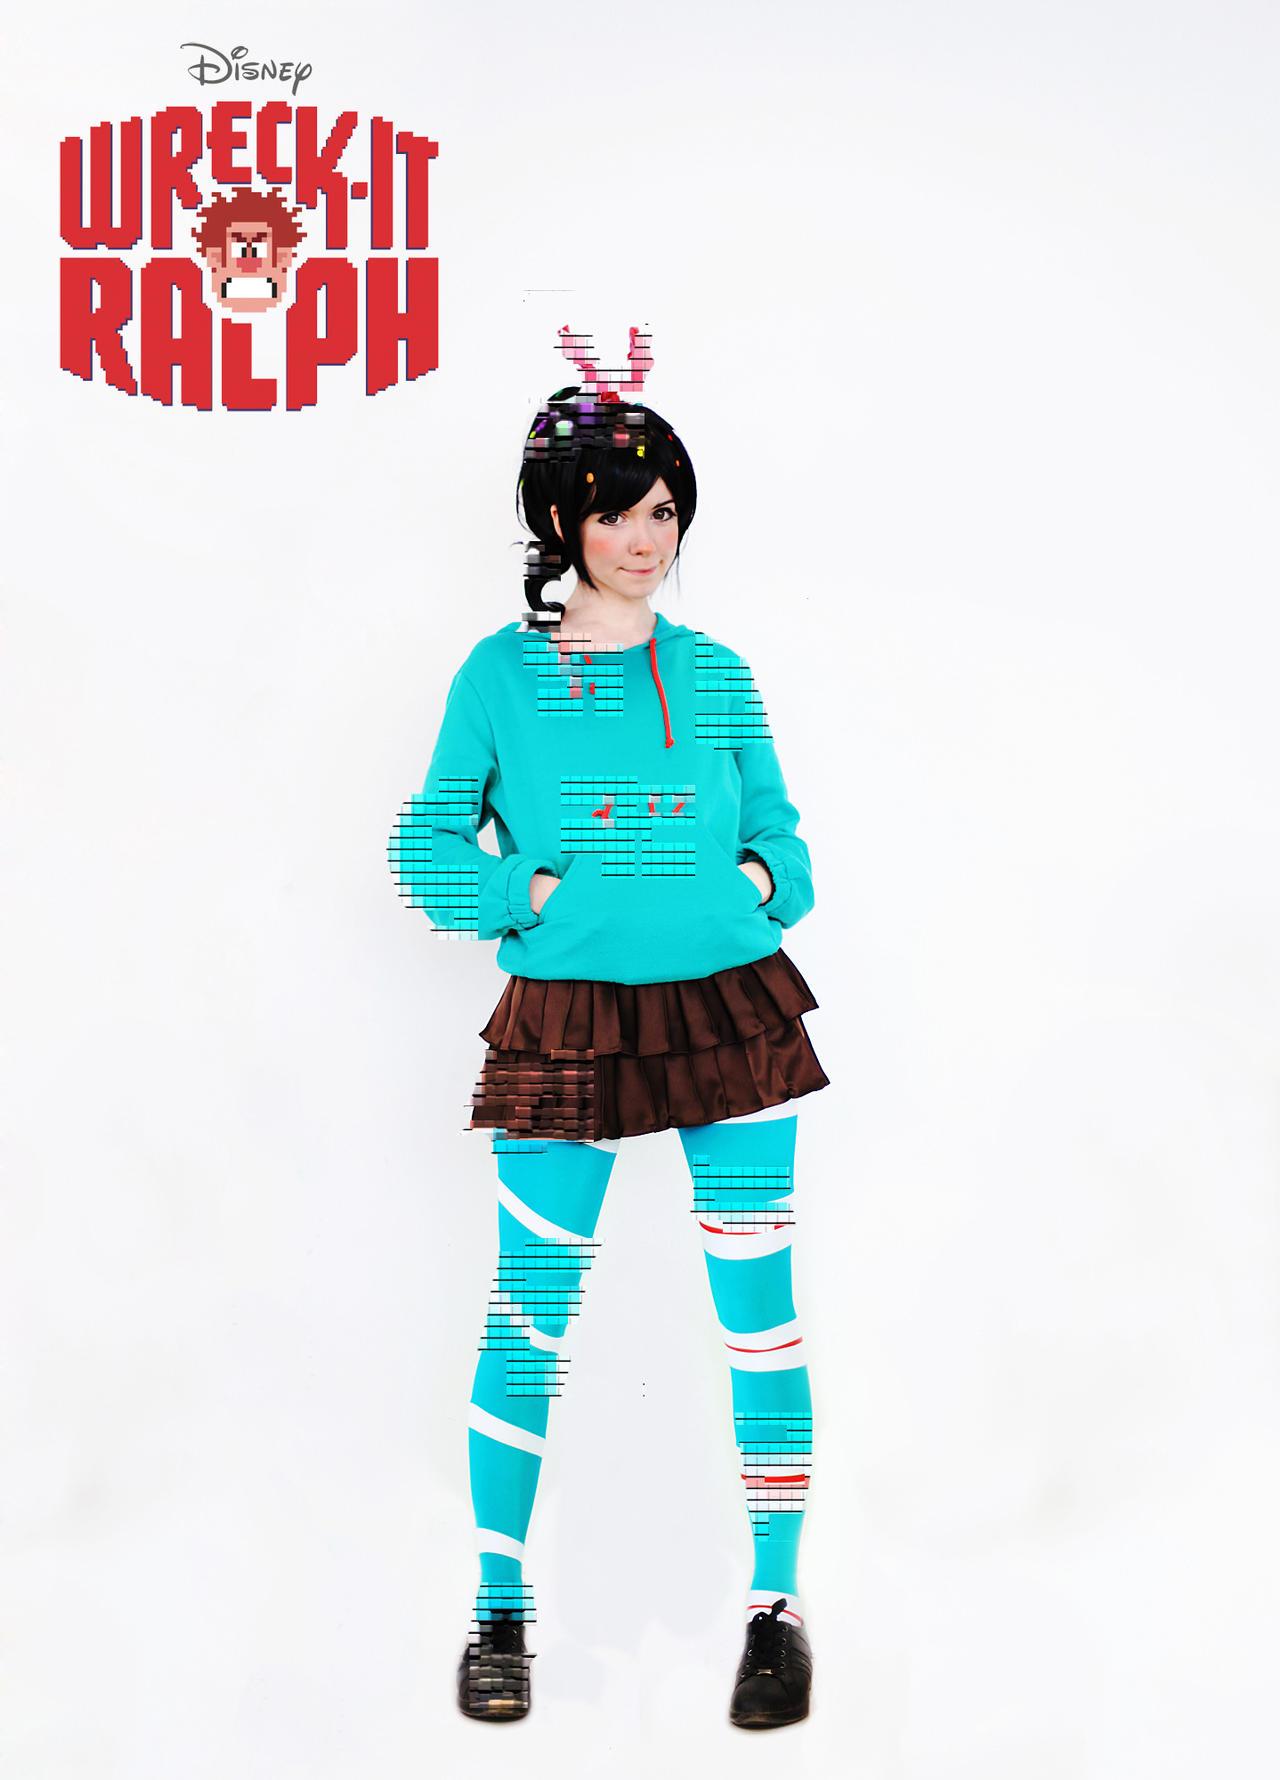 Vanellope von Schweet cosplay by Tenori-Tiger